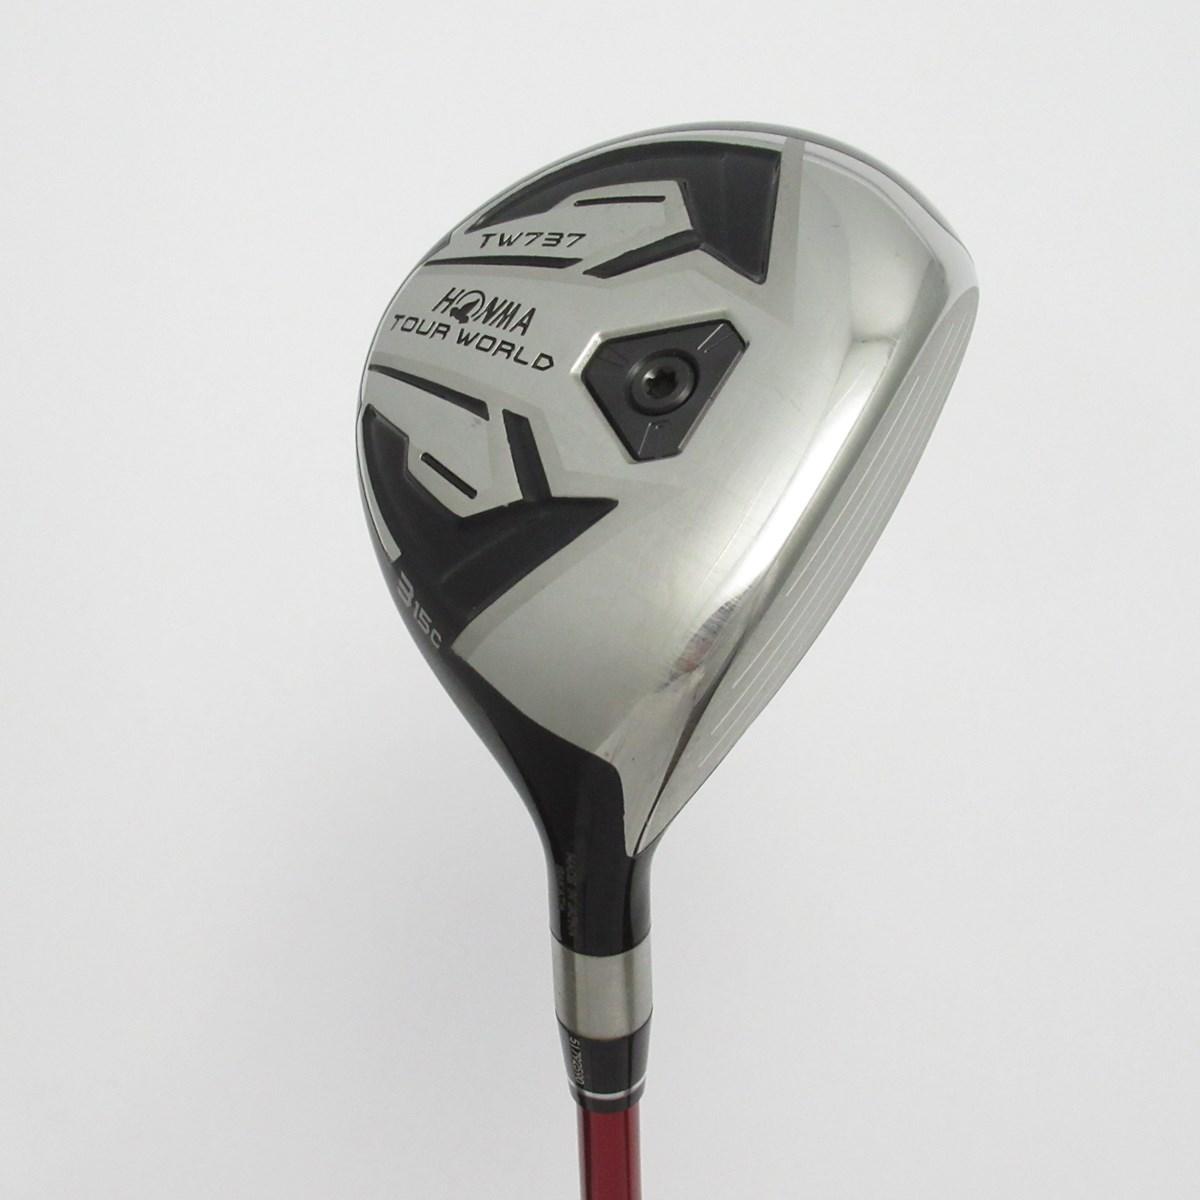 【中古】本間ゴルフ TOUR WORLD ツアーワールド TW737C フェアウェイウッド VIZARD EX-C65 シャフト:VIZARD EX-C65 S 3W 15° 42.75inch